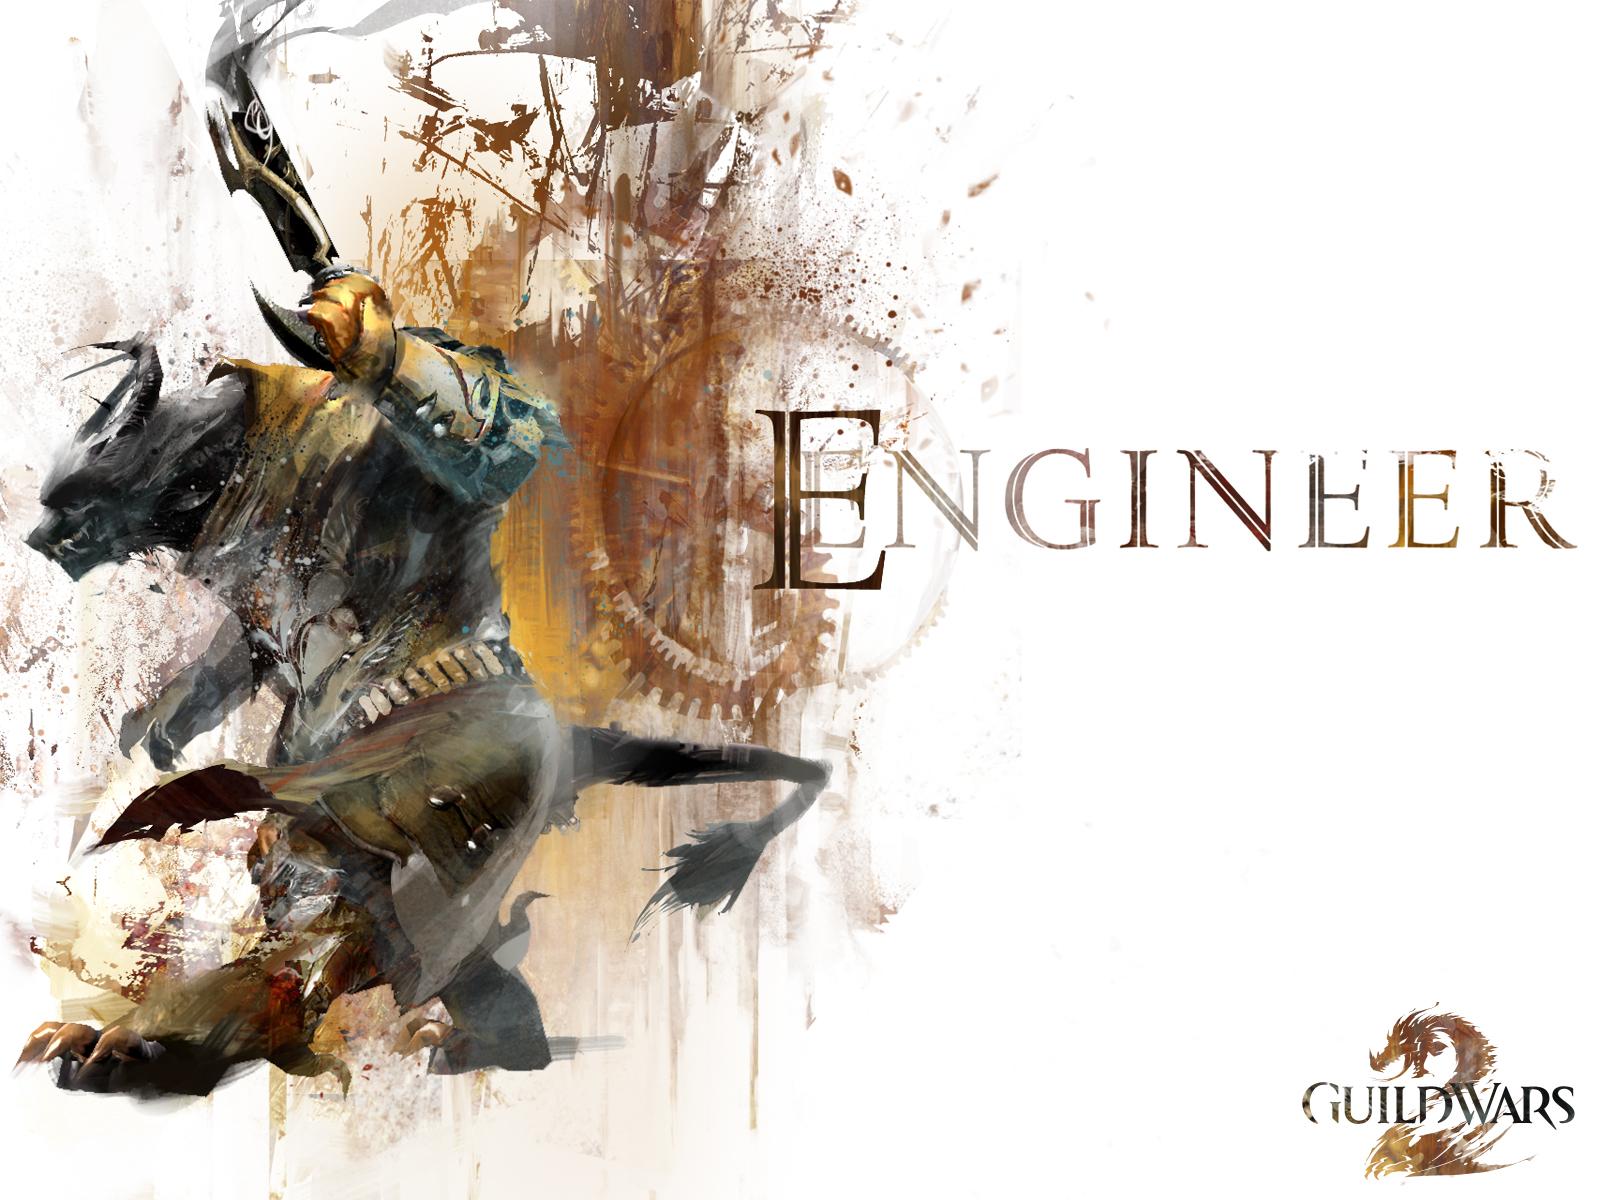 engineer guild wars 2 wallpaper gw2 engineer wallpaper gw2 engineer 1600x1200